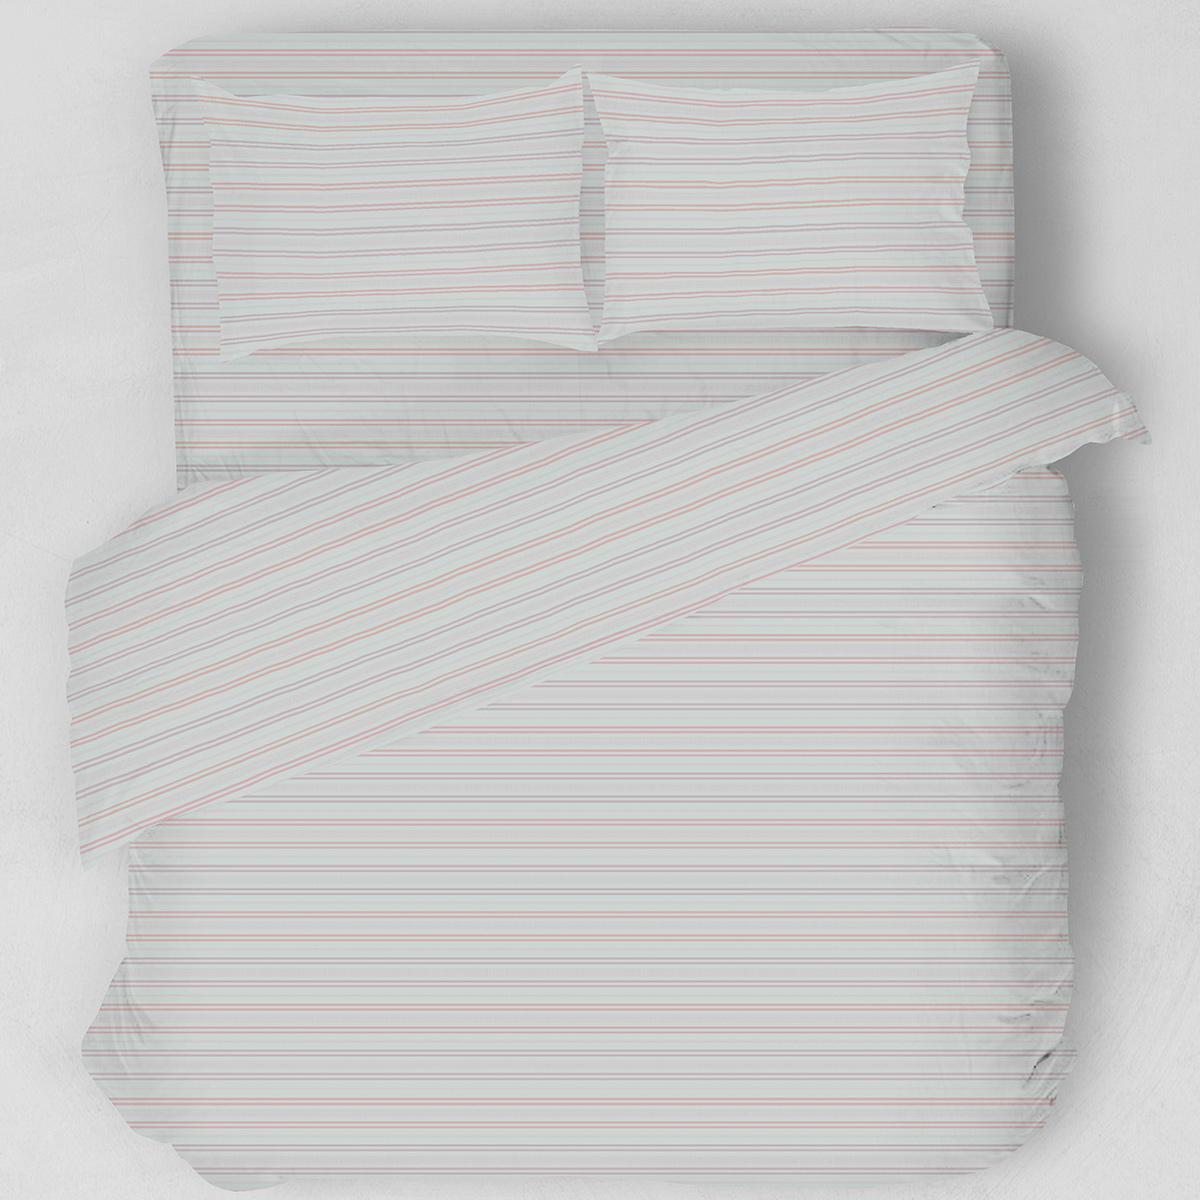 Σεντόνια Υπέρδιπλα (Σετ) Melinen Lines Apple/Grey ΧΩΡΙΣ ΛΑΣΤΙΧΟ 235×270 ΧΩΡΙΣ ΛΑΣΤΙΧΟ 235×270